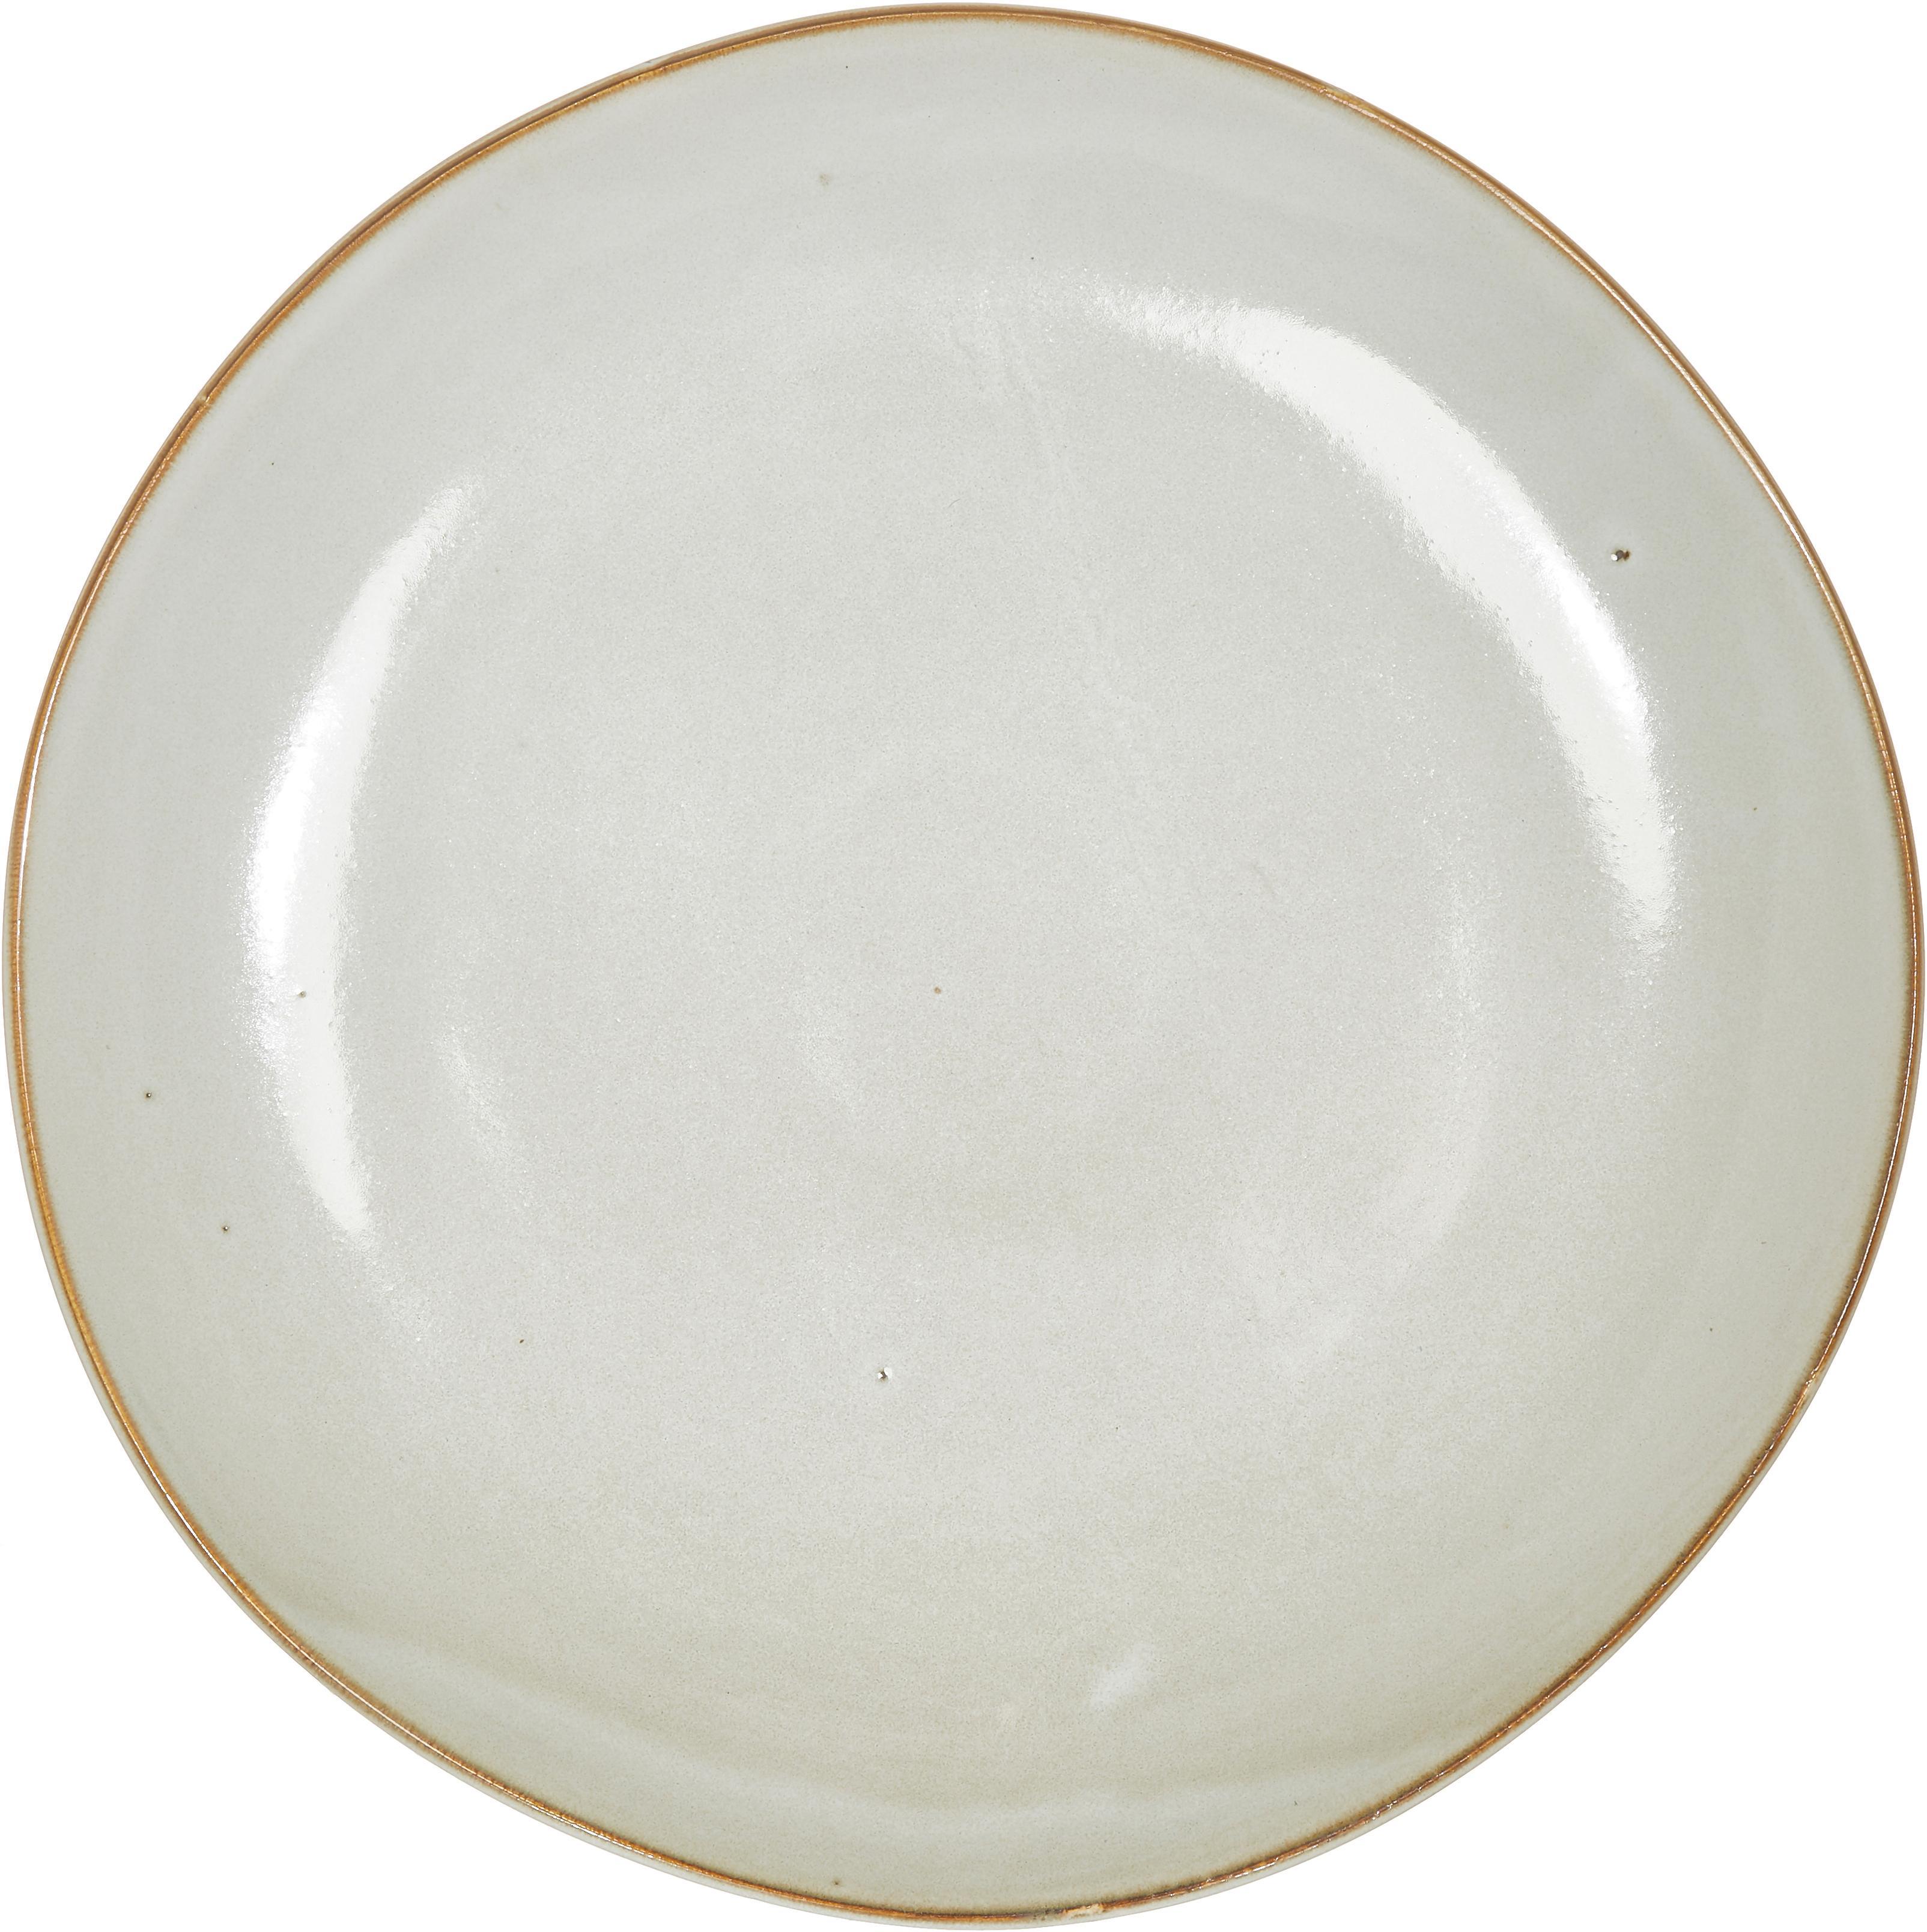 Ręcznie wykonany talerz duży Thalia, 2 szt., Ceramika, Kremowy z ciemną krawędzią, Ø 27 cm